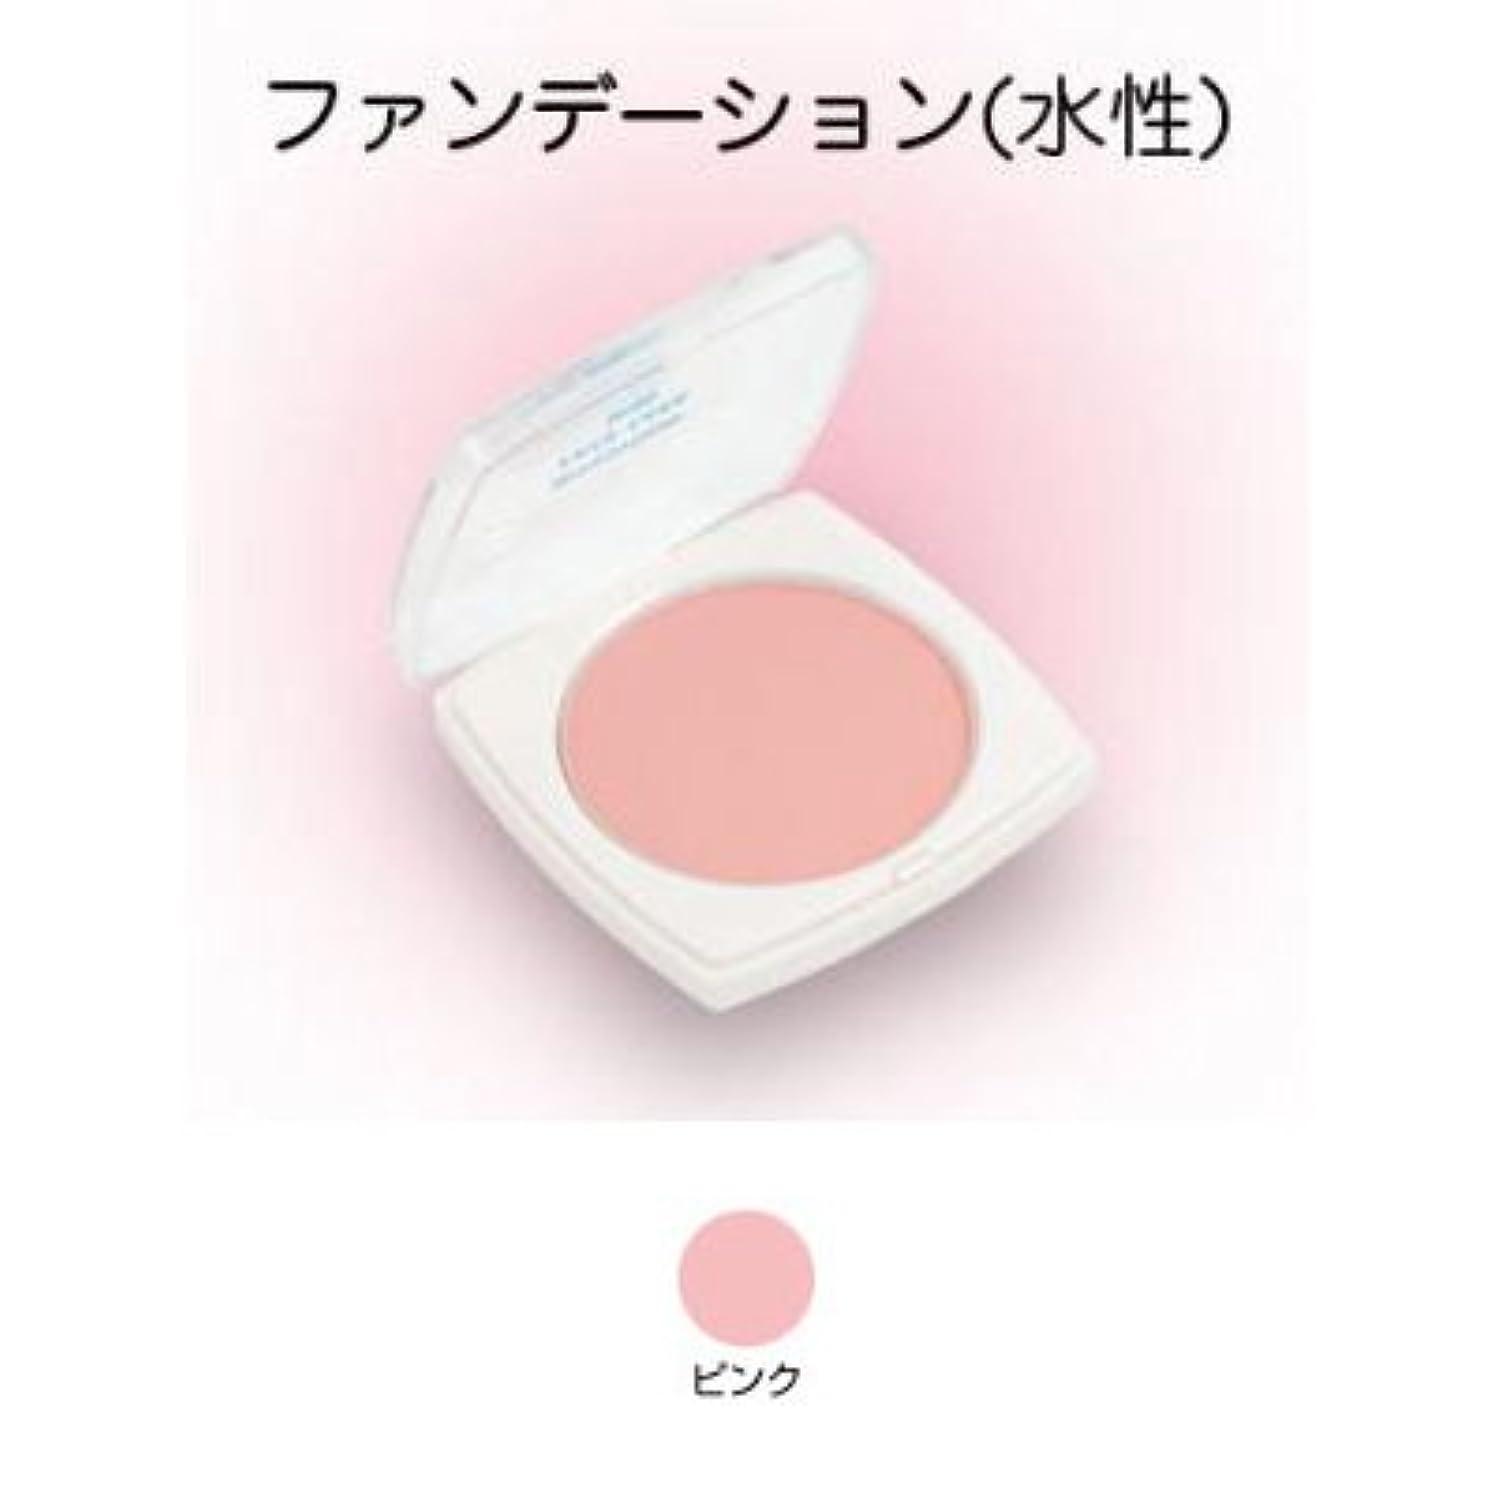 モニター積分コースフェースケーキ ミニ 17g ピンク 【三善】